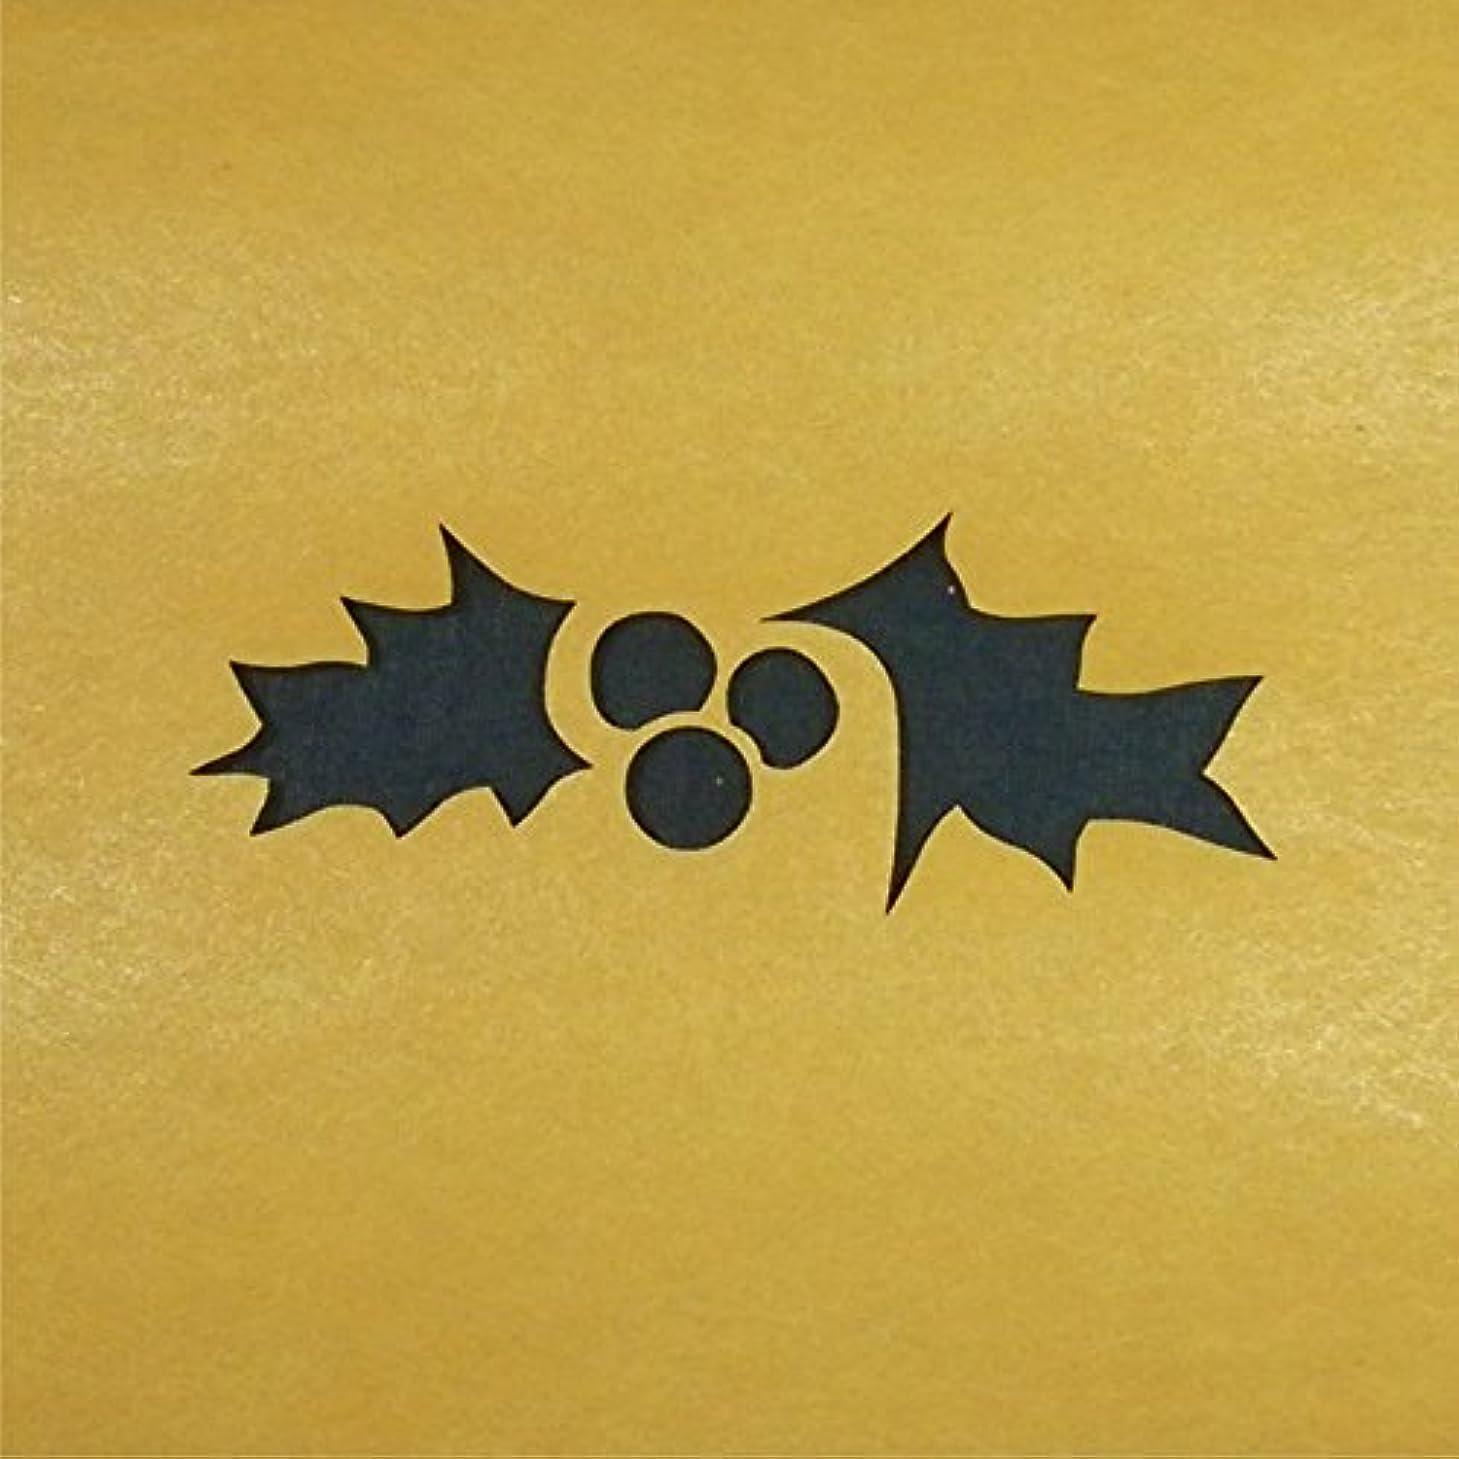 お金と魅力的であることへのアピールステンシルシート クリスマスホーリー 3サイズ型紙  (10cm)